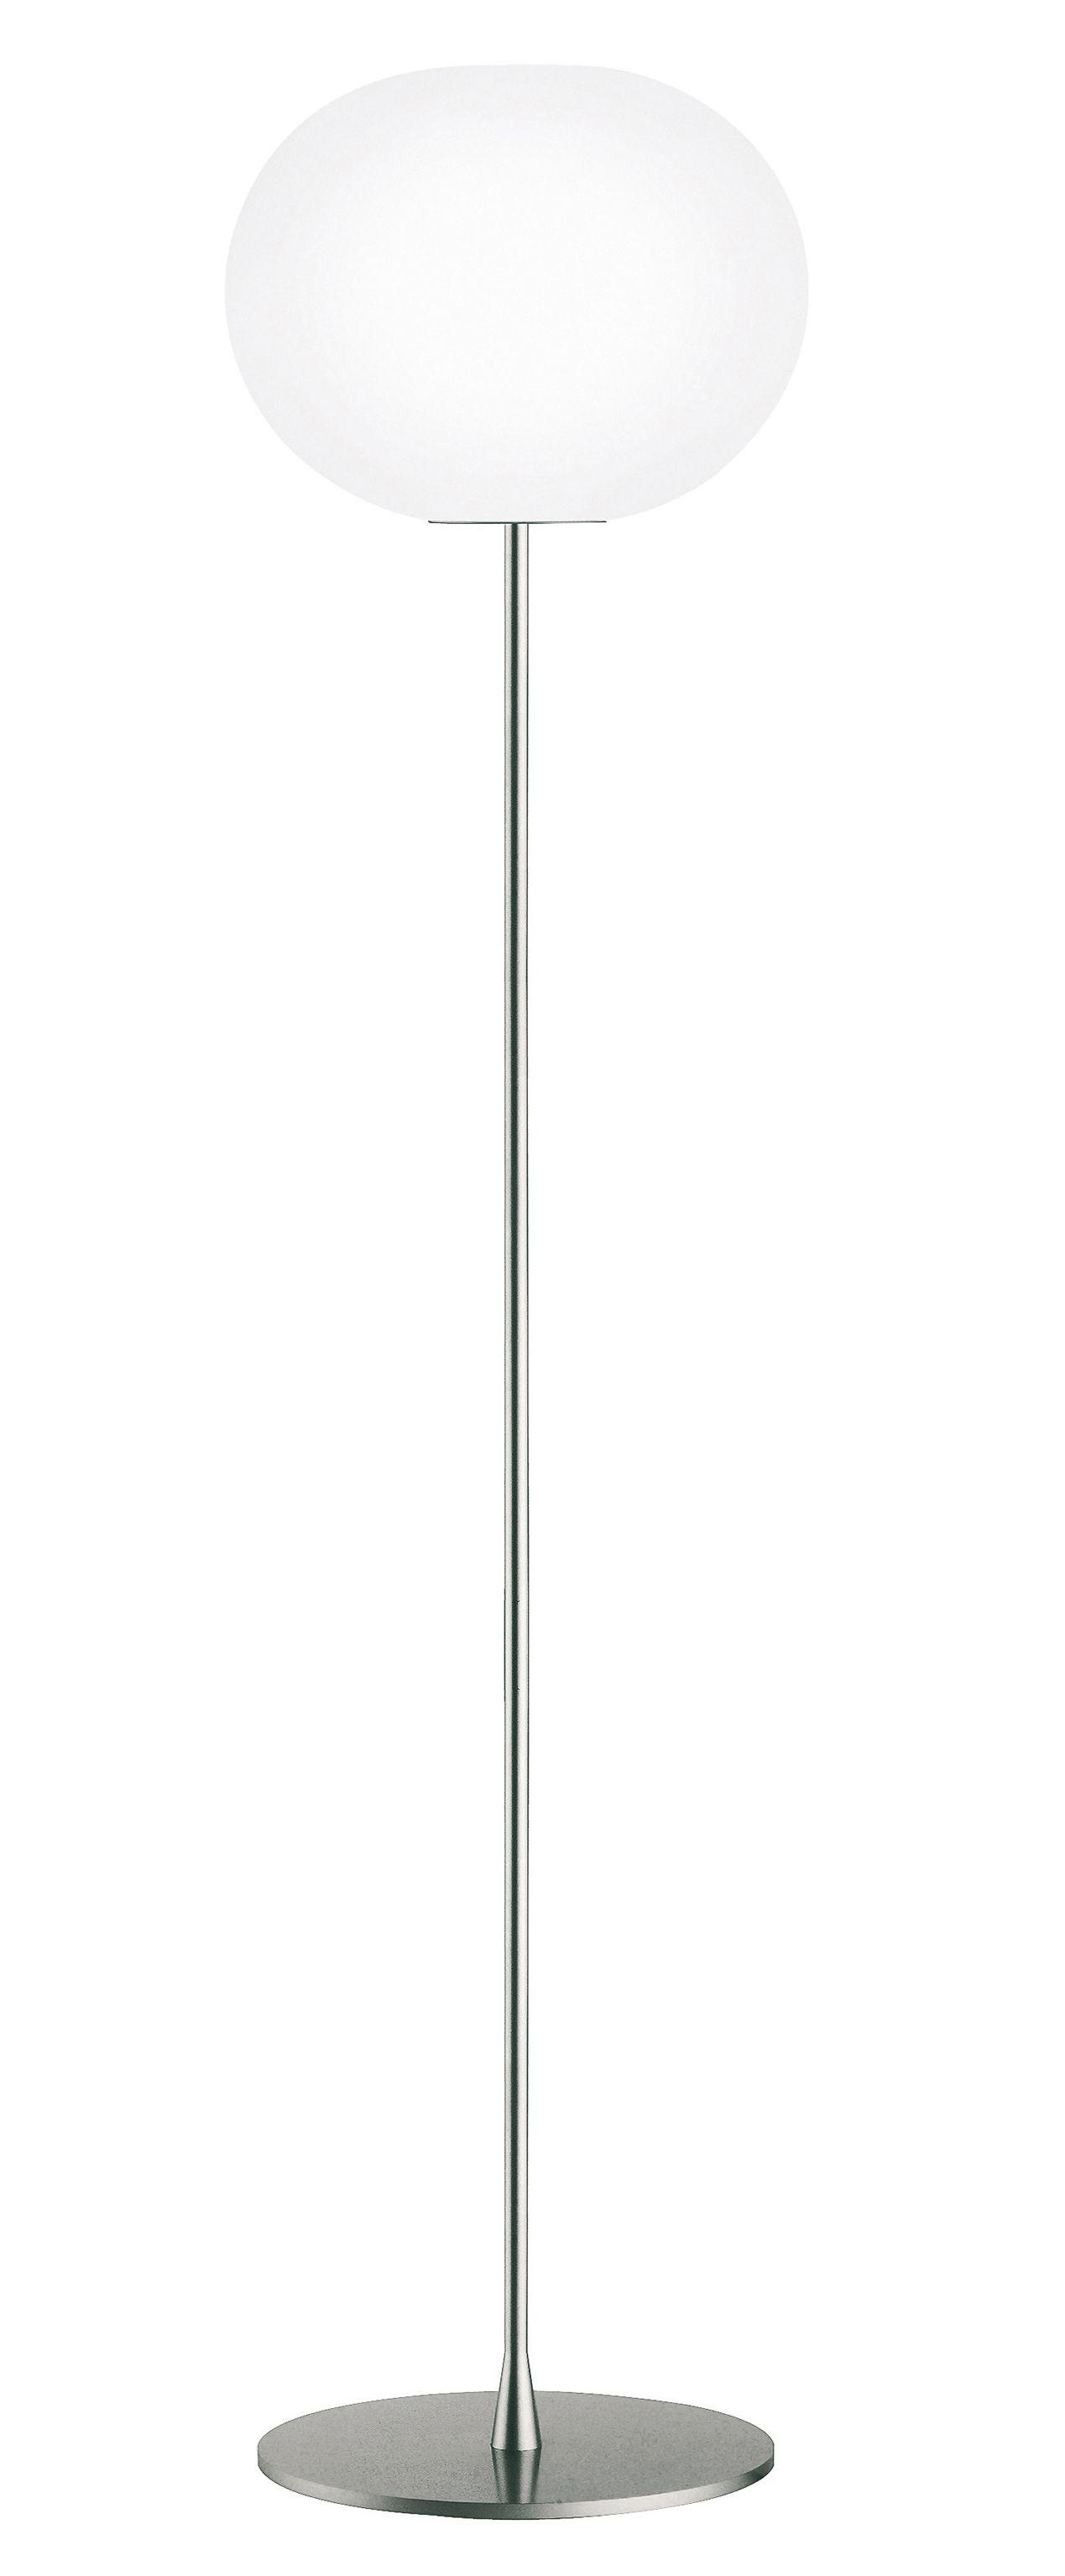 Leuchten - Stehleuchten - Glo-Ball F3 Stehleuchte - Flos - Grau-metallic - Glas